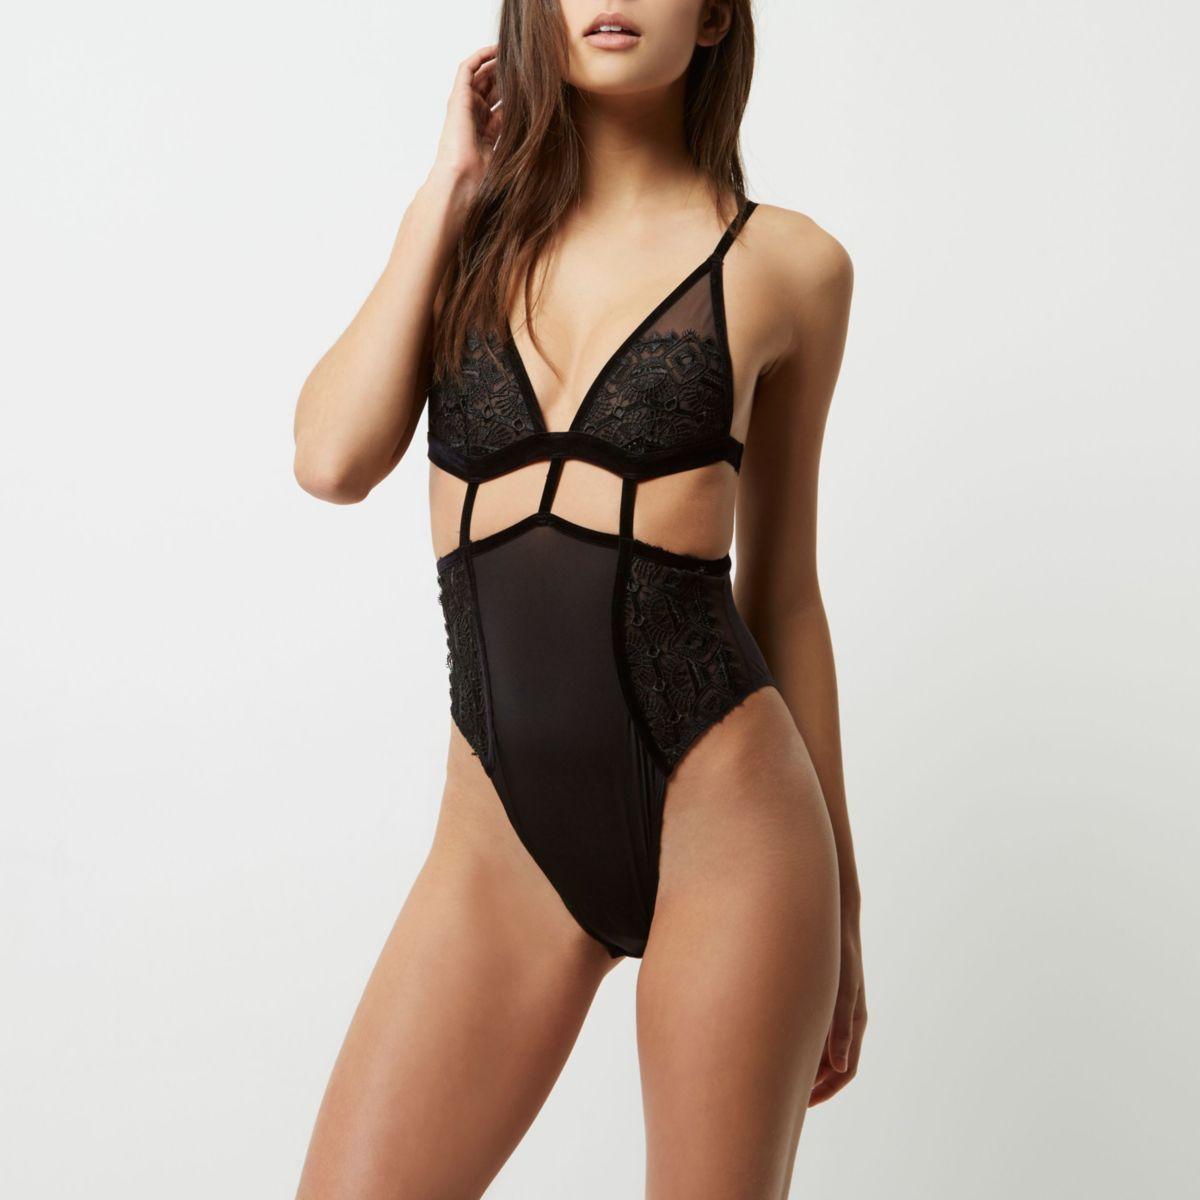 Black crochet lingerie bodysuit